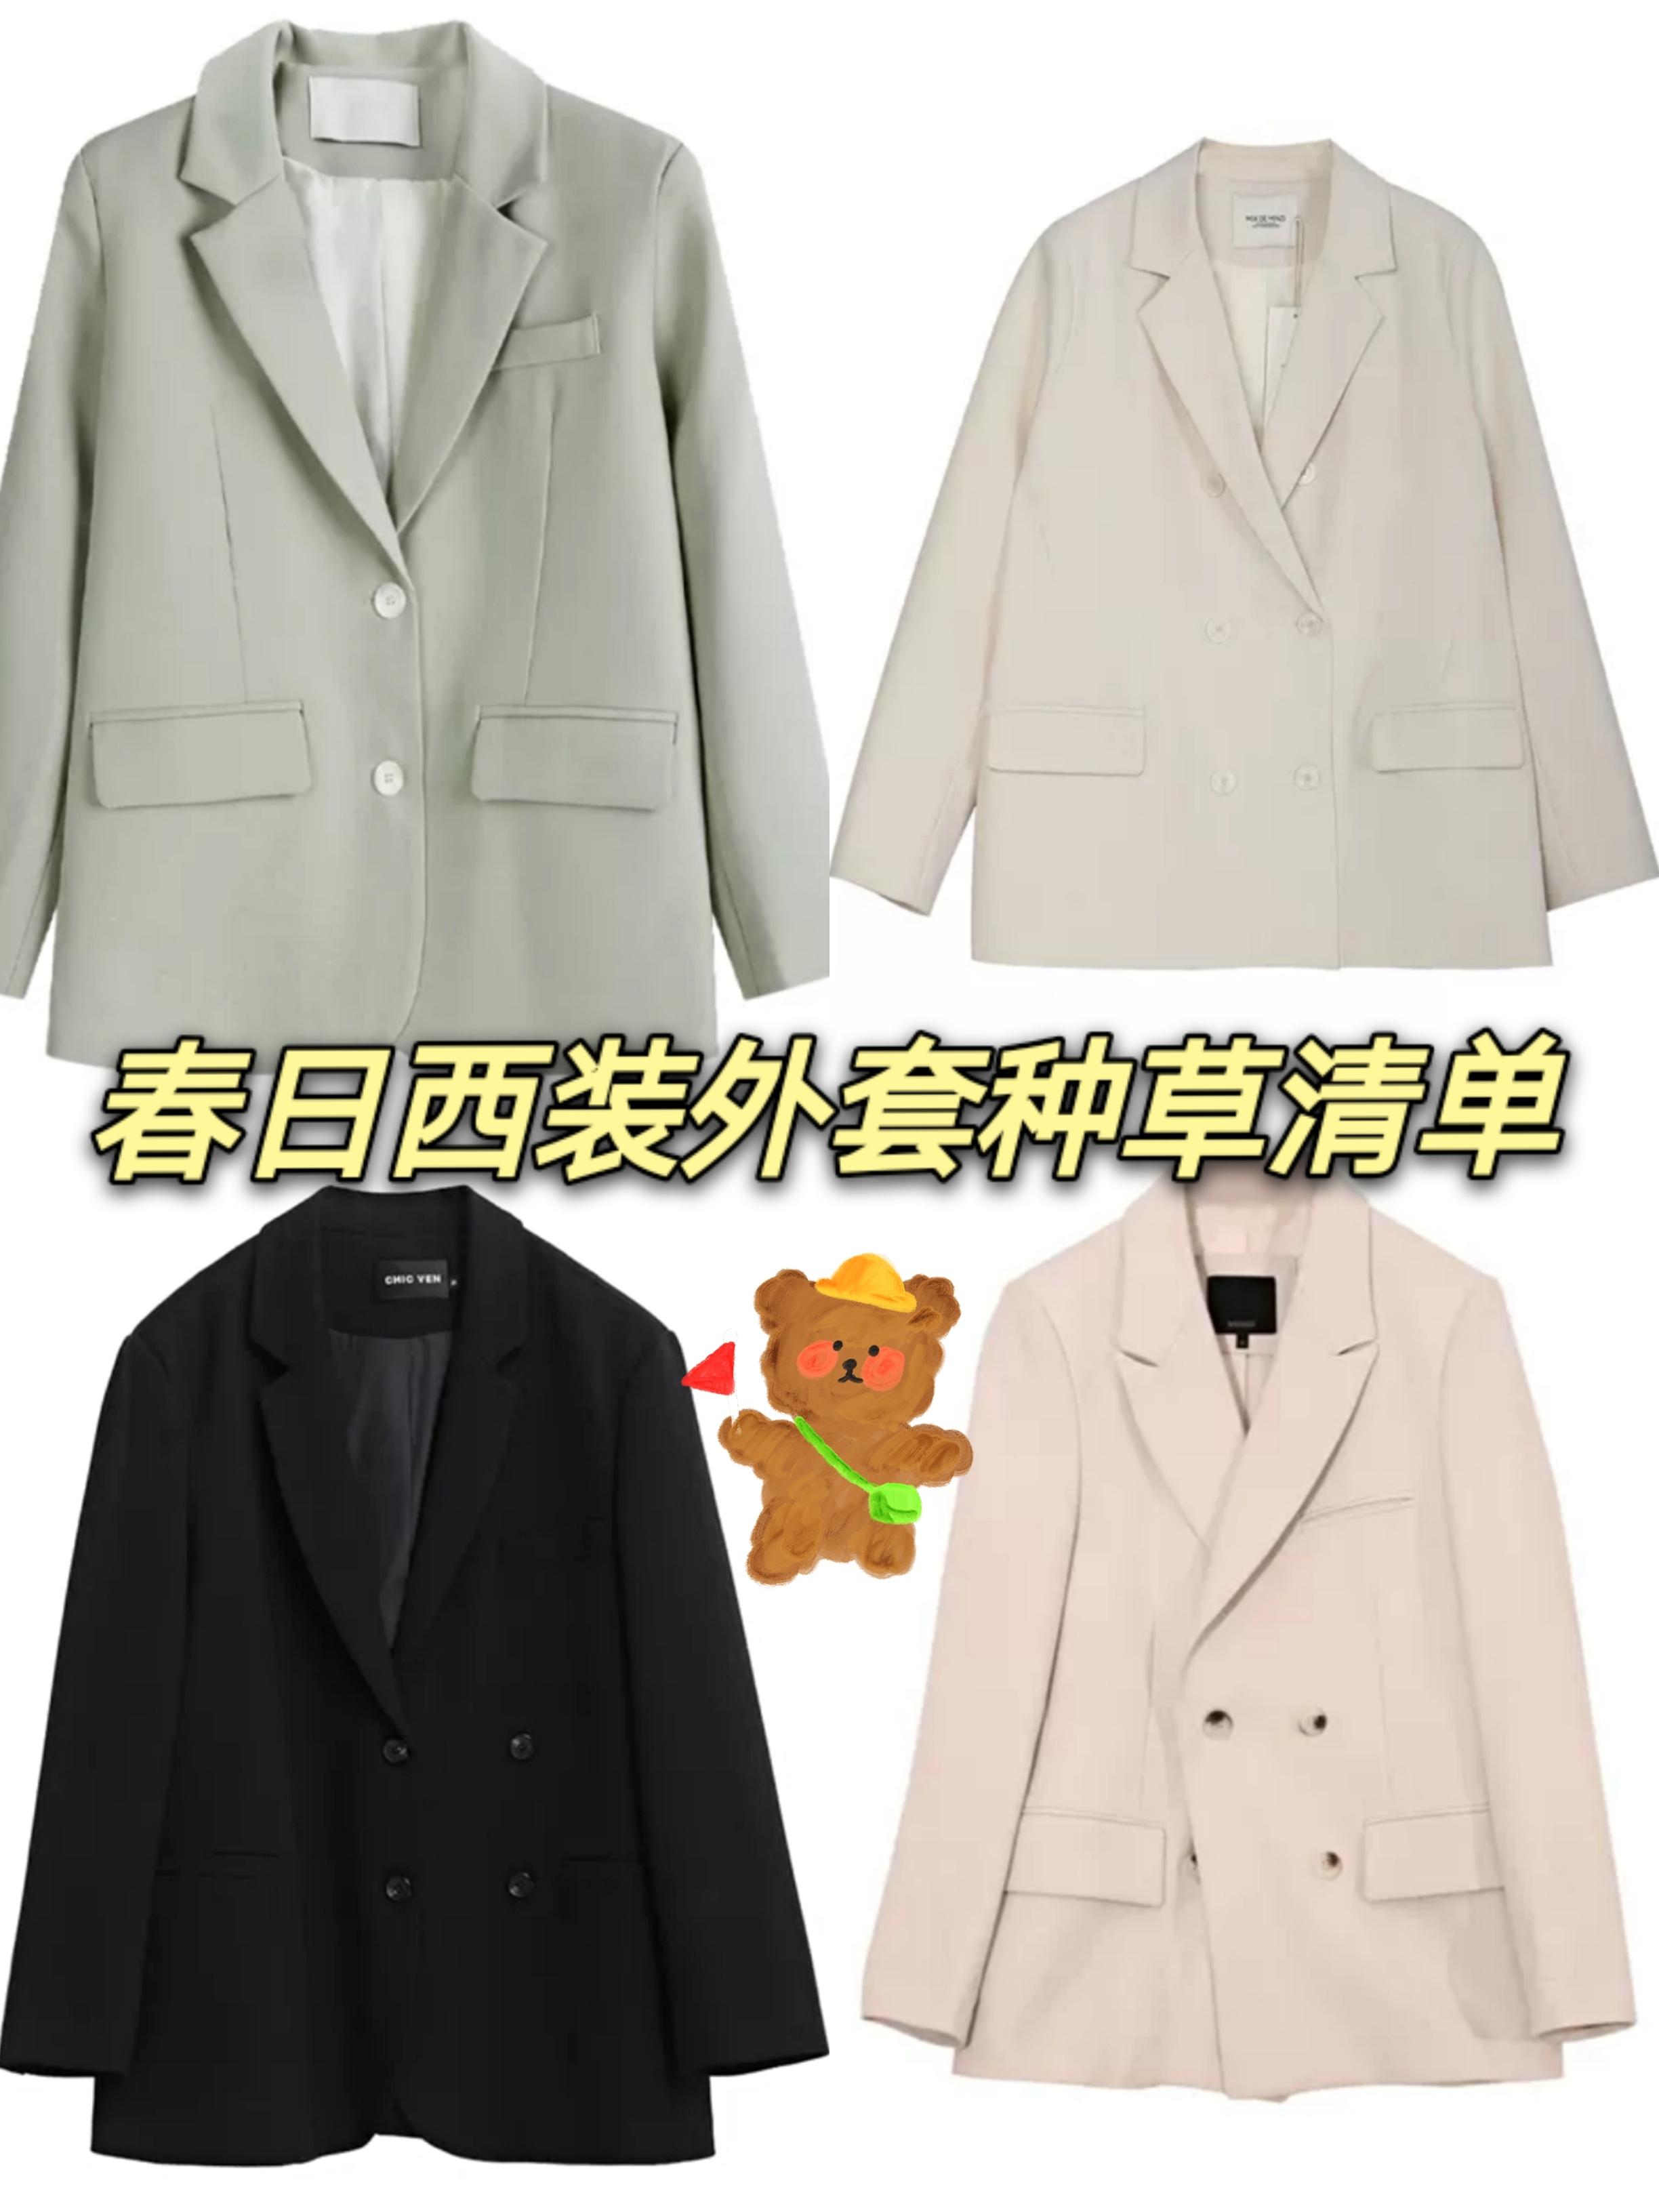 仙女们值得购买的西装外套!